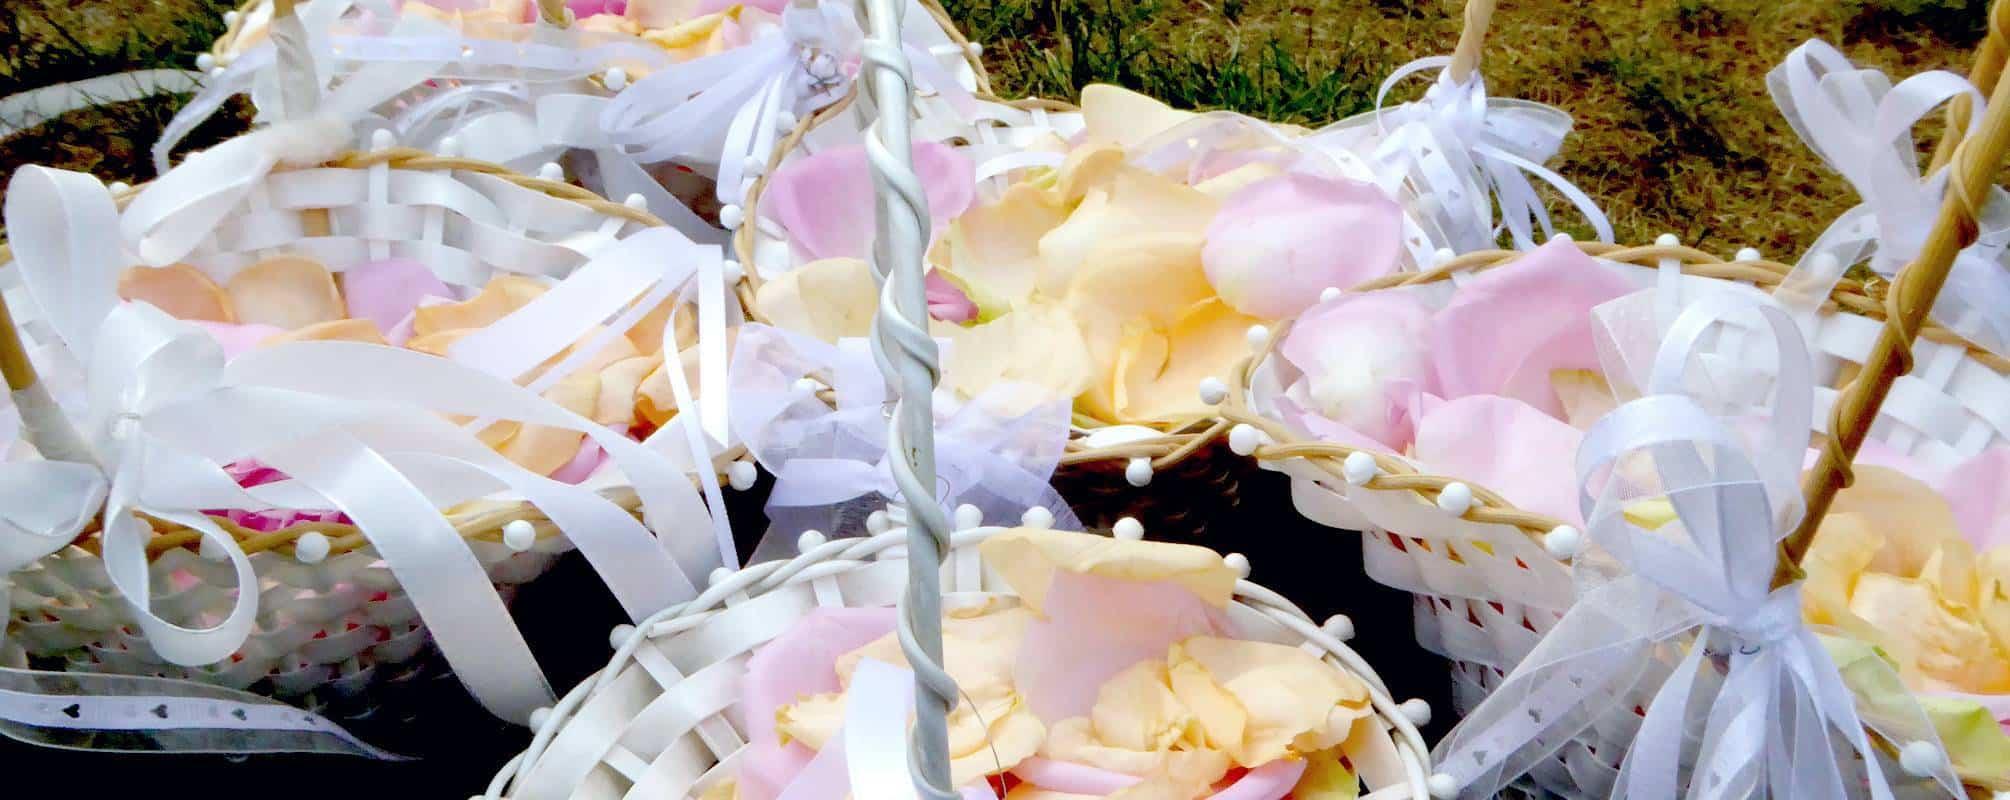 Weiße Körbe mit bunten Rosenblätter zur freien Trauung